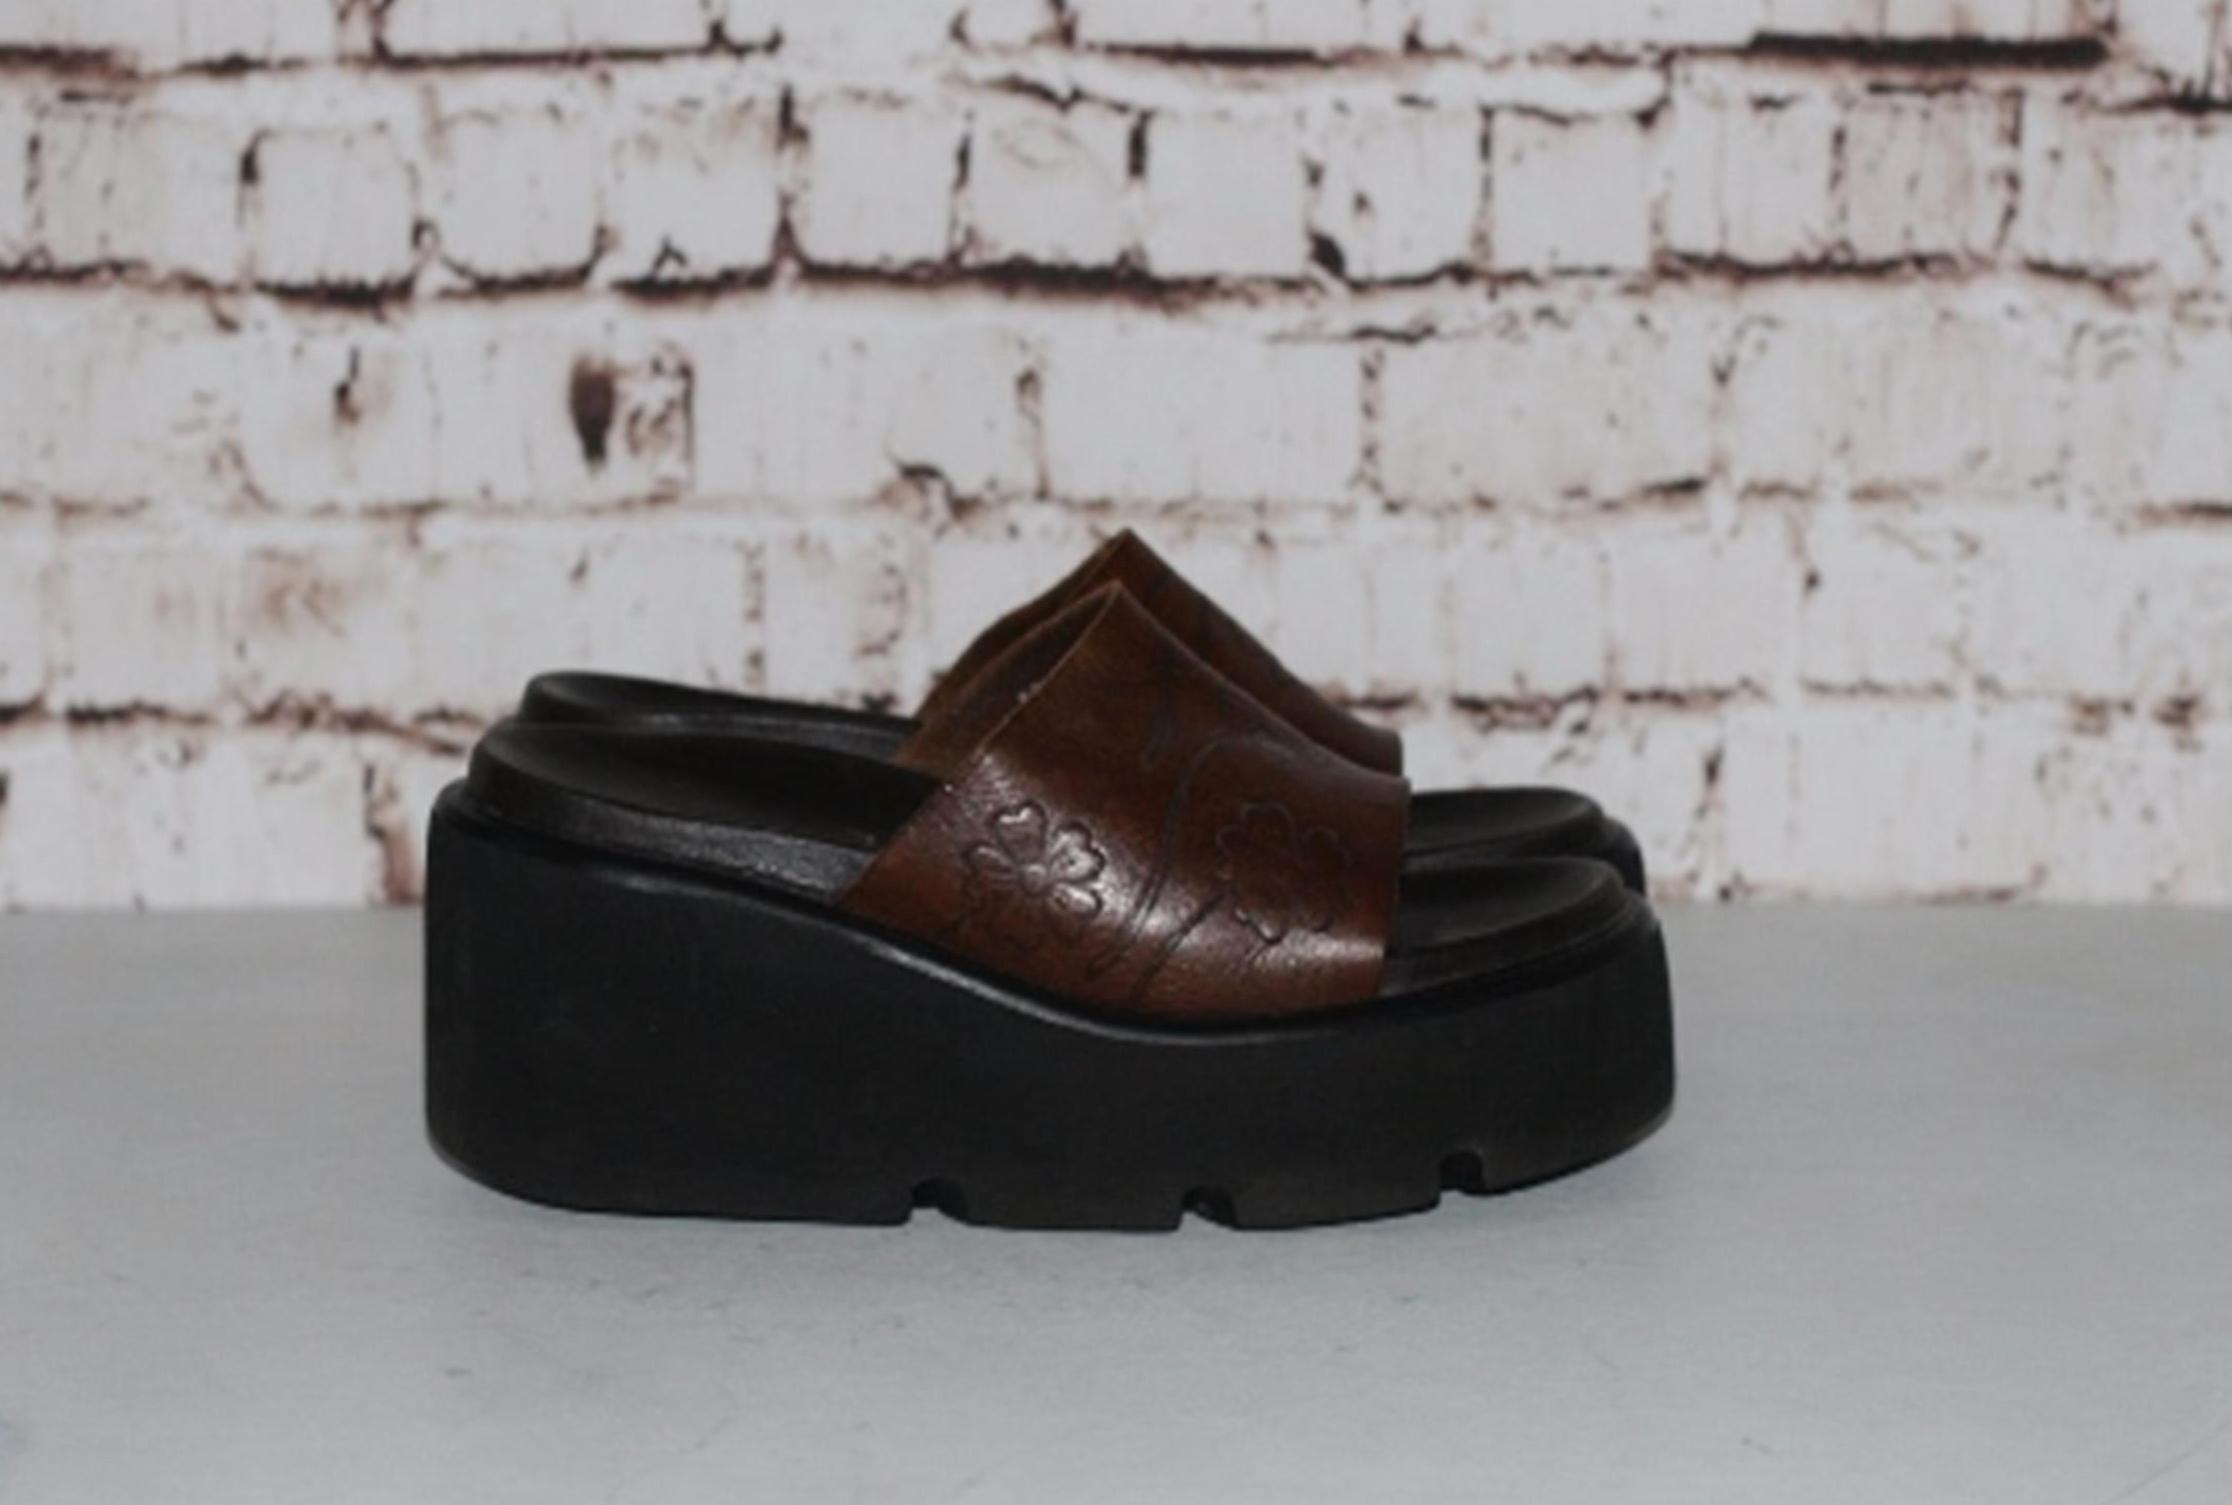 48c1ea4de90c5 Vintage 90s Chunky Sandals Mega Platform Leather Brown Tooled floral Slip  on Slide Mule Wedges Grunge Boho 70s Hipster Festival Daisies 8 6 39 Shoe